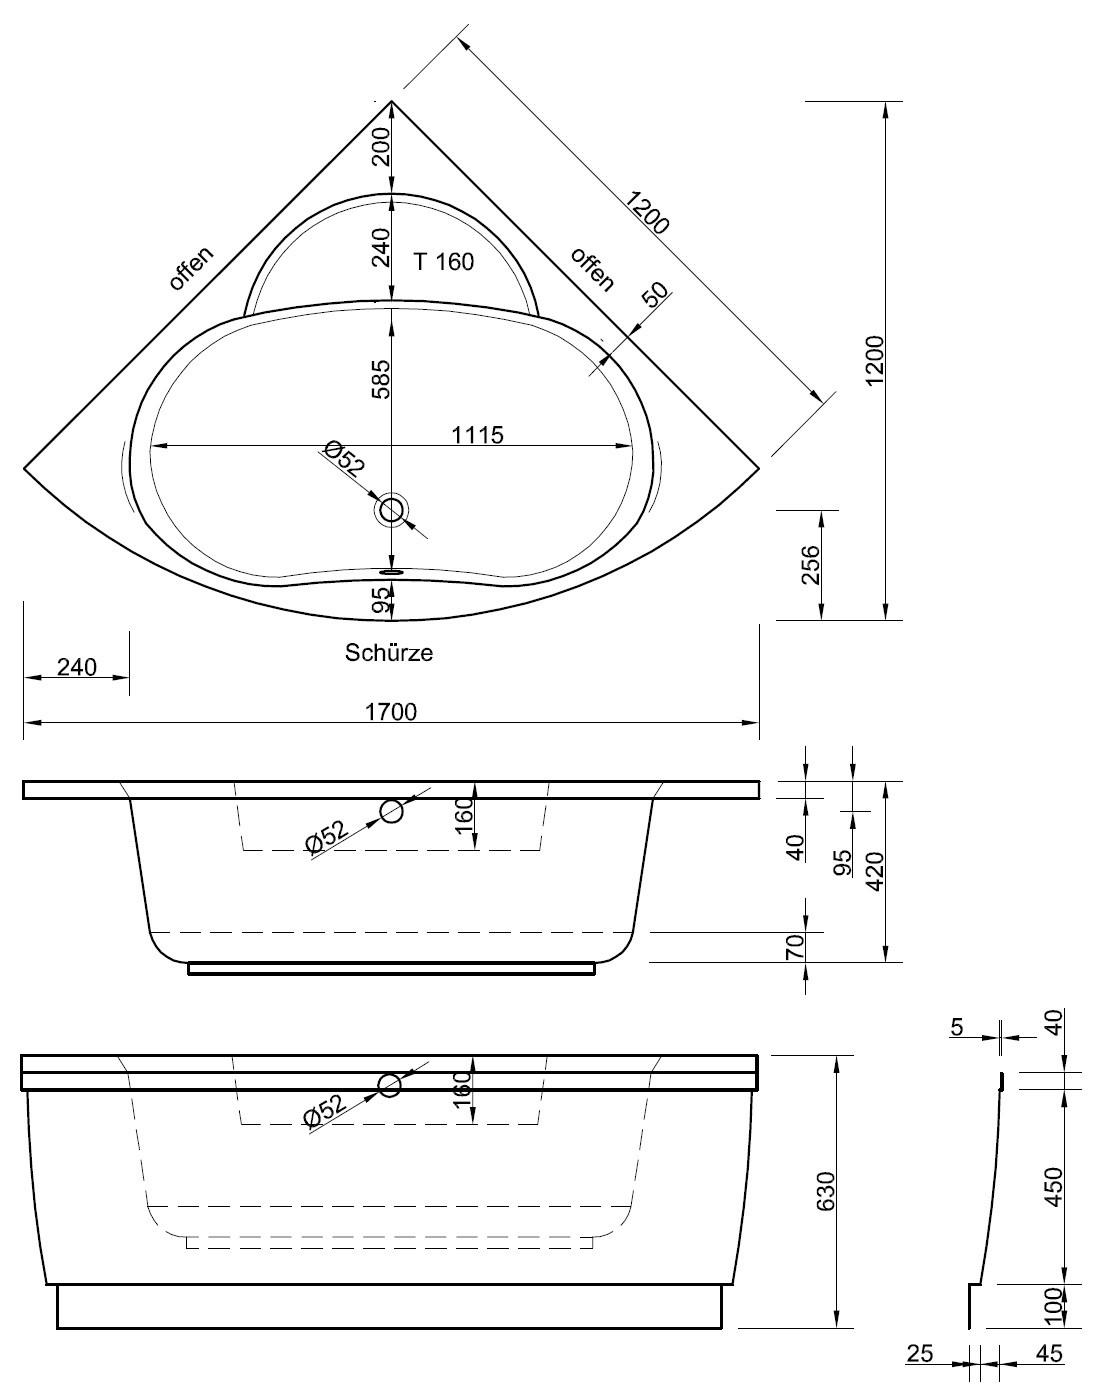 Eckbadewanne maße 120  Eckwanne mit Schürze 120 x 120 cm Badewanne Badewanne Eckwanne ...